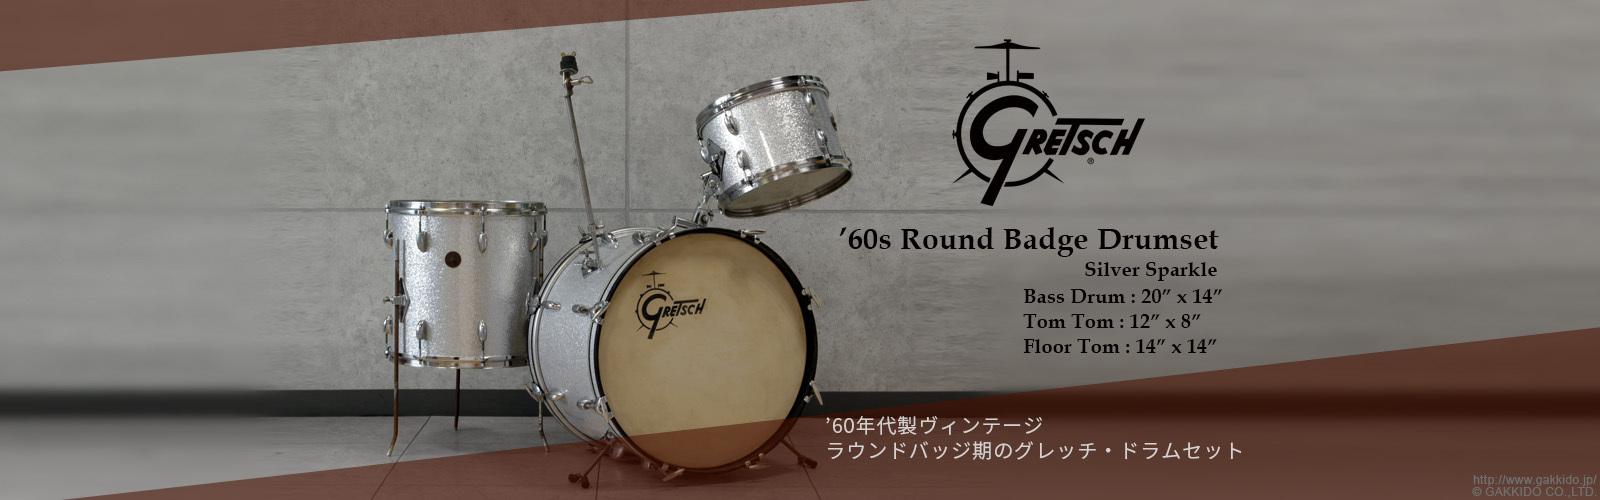 """Gretsch '60s Round Badge ドラムセット 20""""BD/12""""TT/14""""FT [Silver Sparkle] [中古品]"""